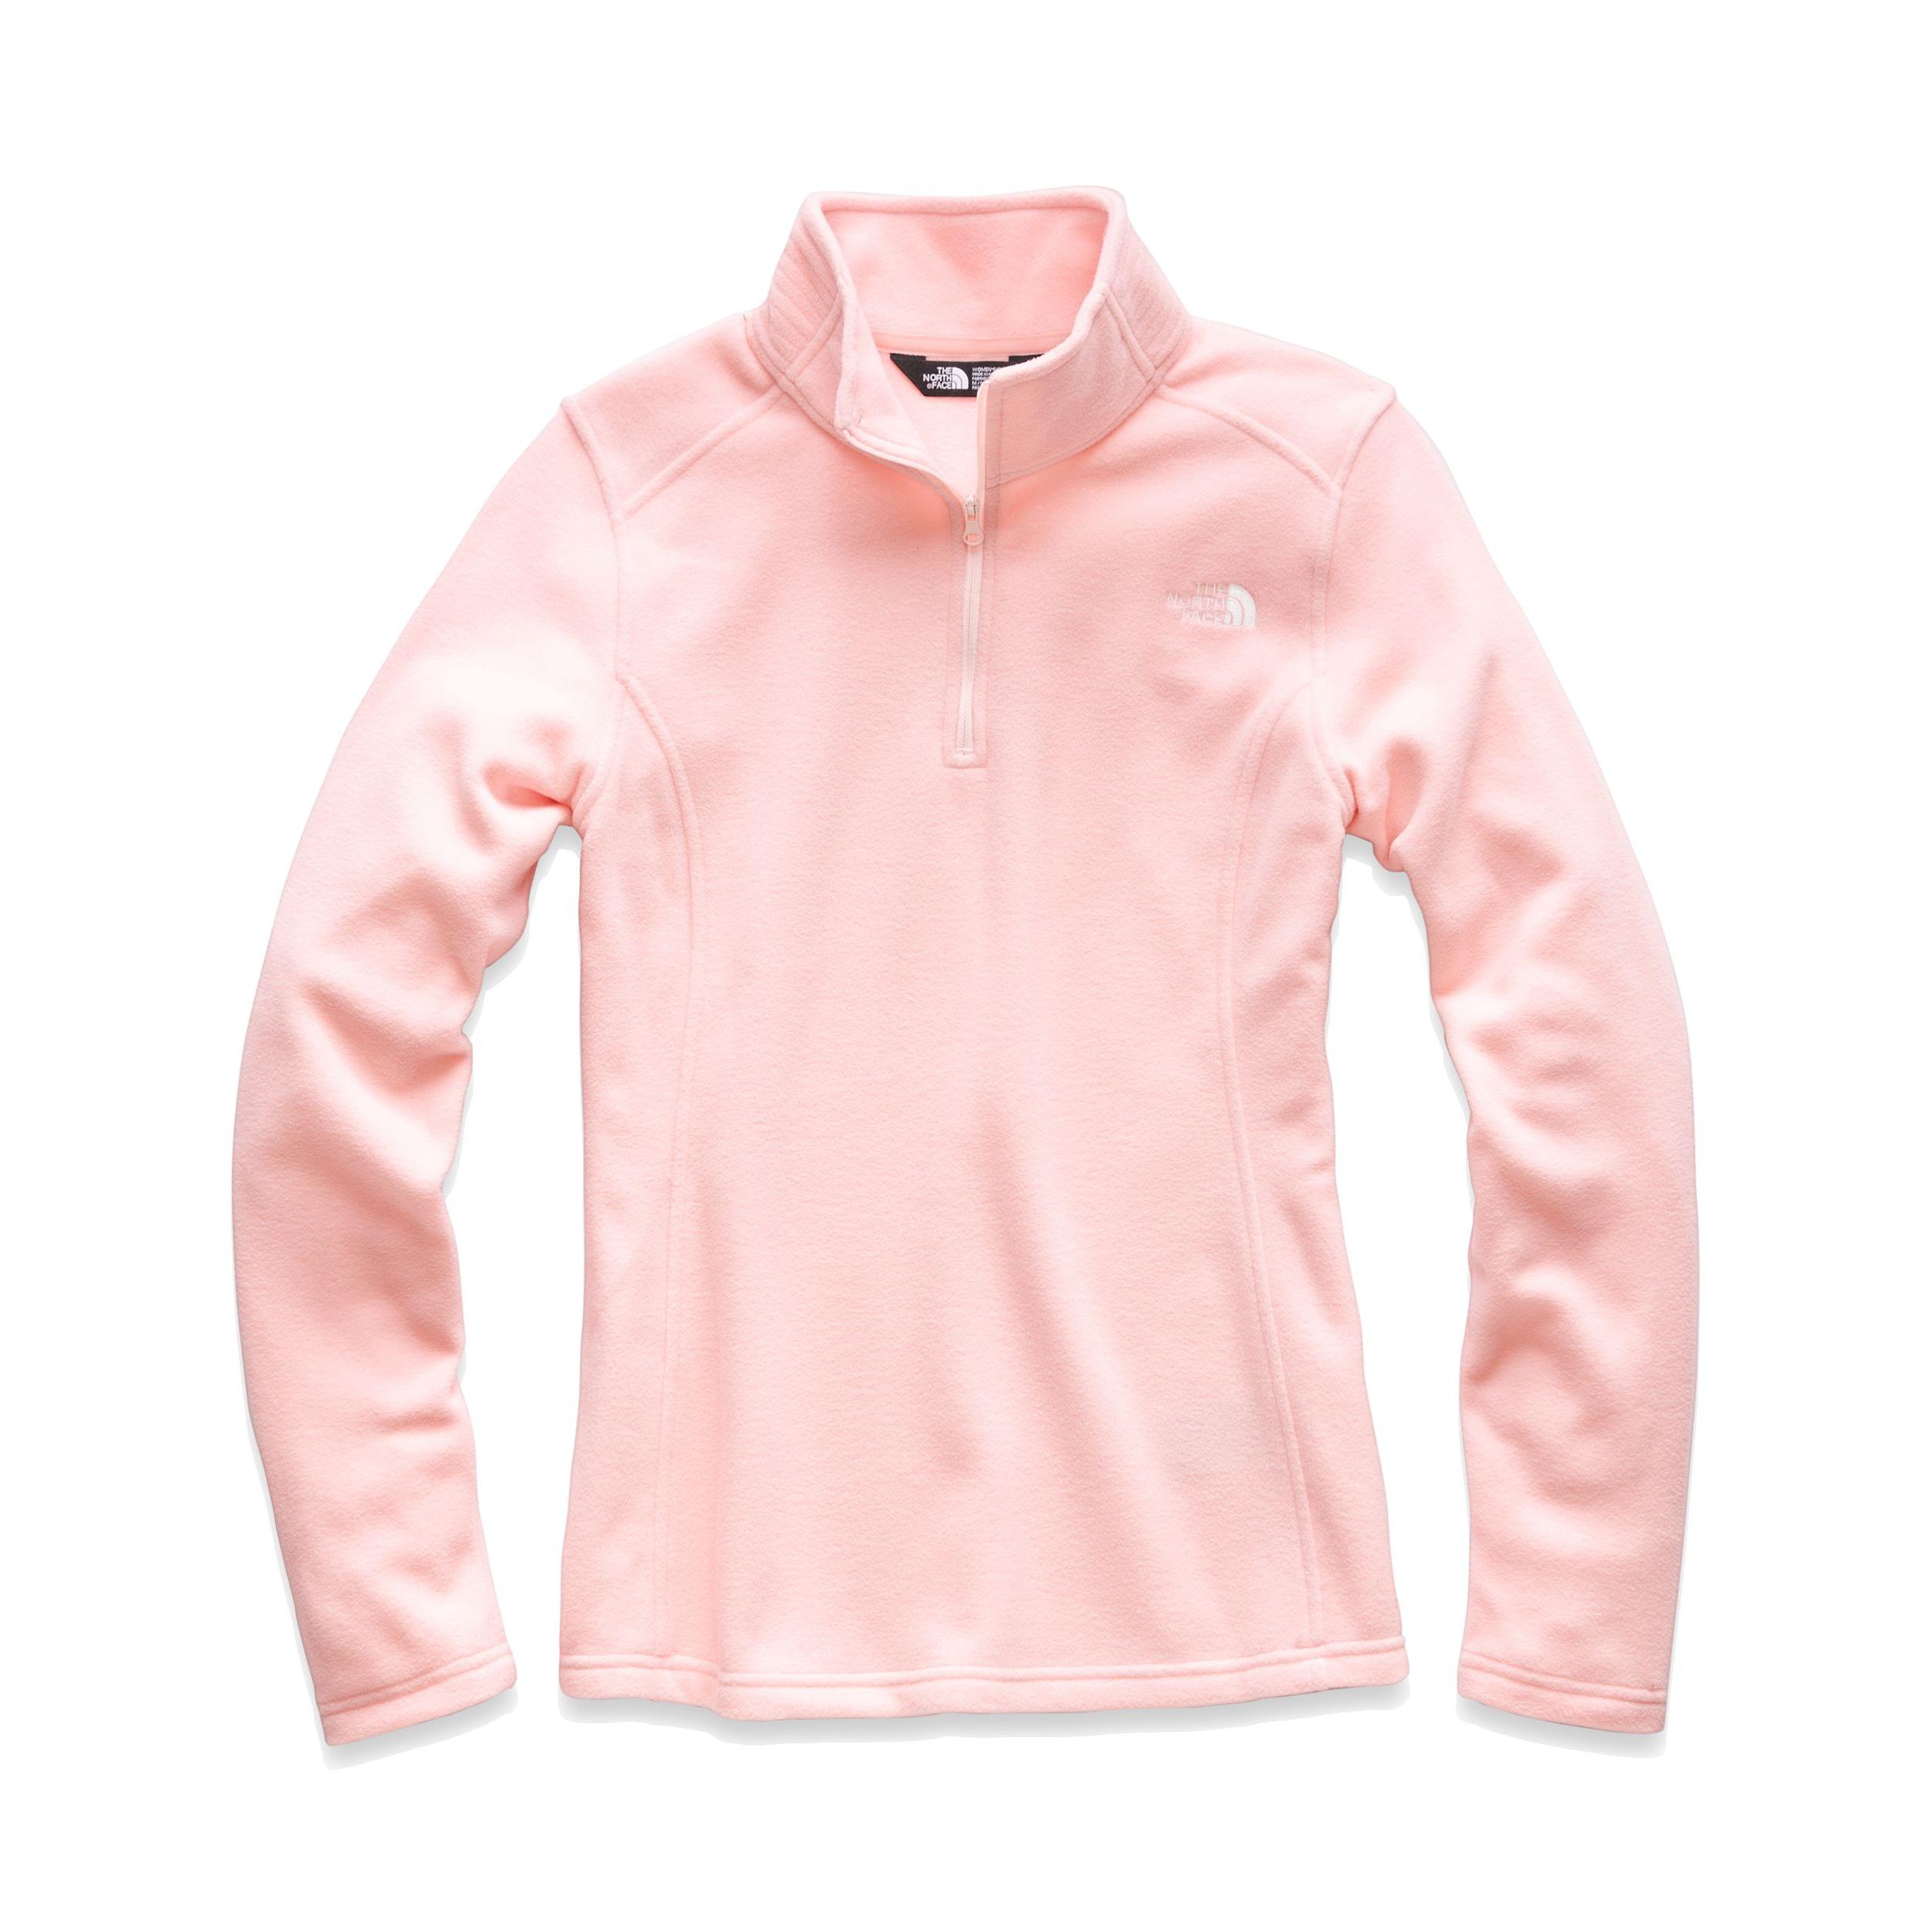 Glacier 1/4 Zip Sweater - Women's